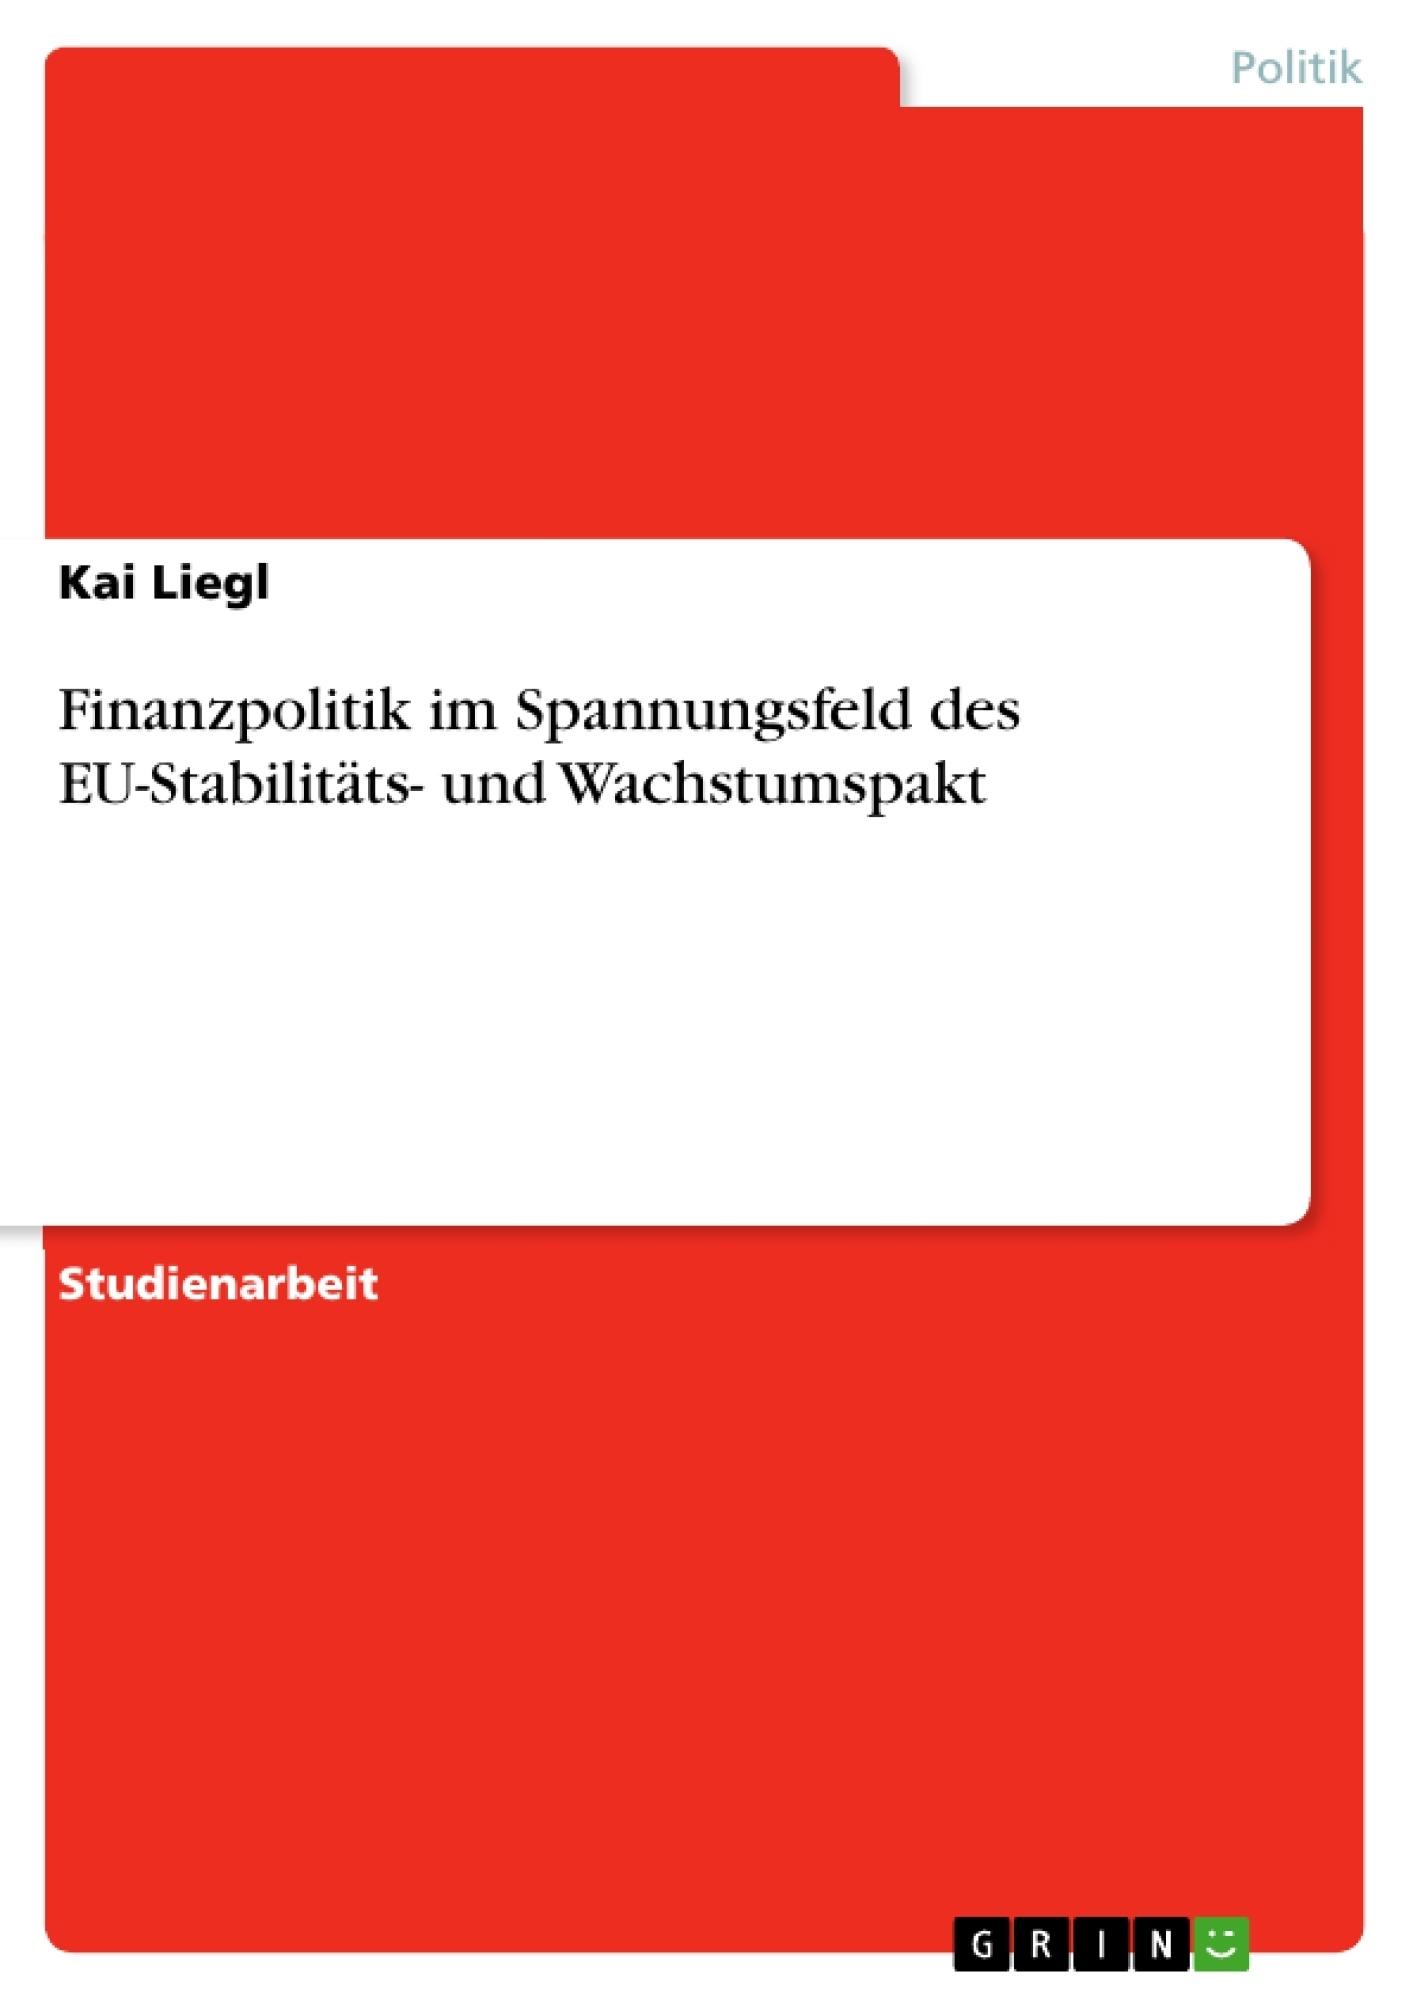 Titel: Finanzpolitik im Spannungsfeld des EU-Stabilitäts- und Wachstumspakt